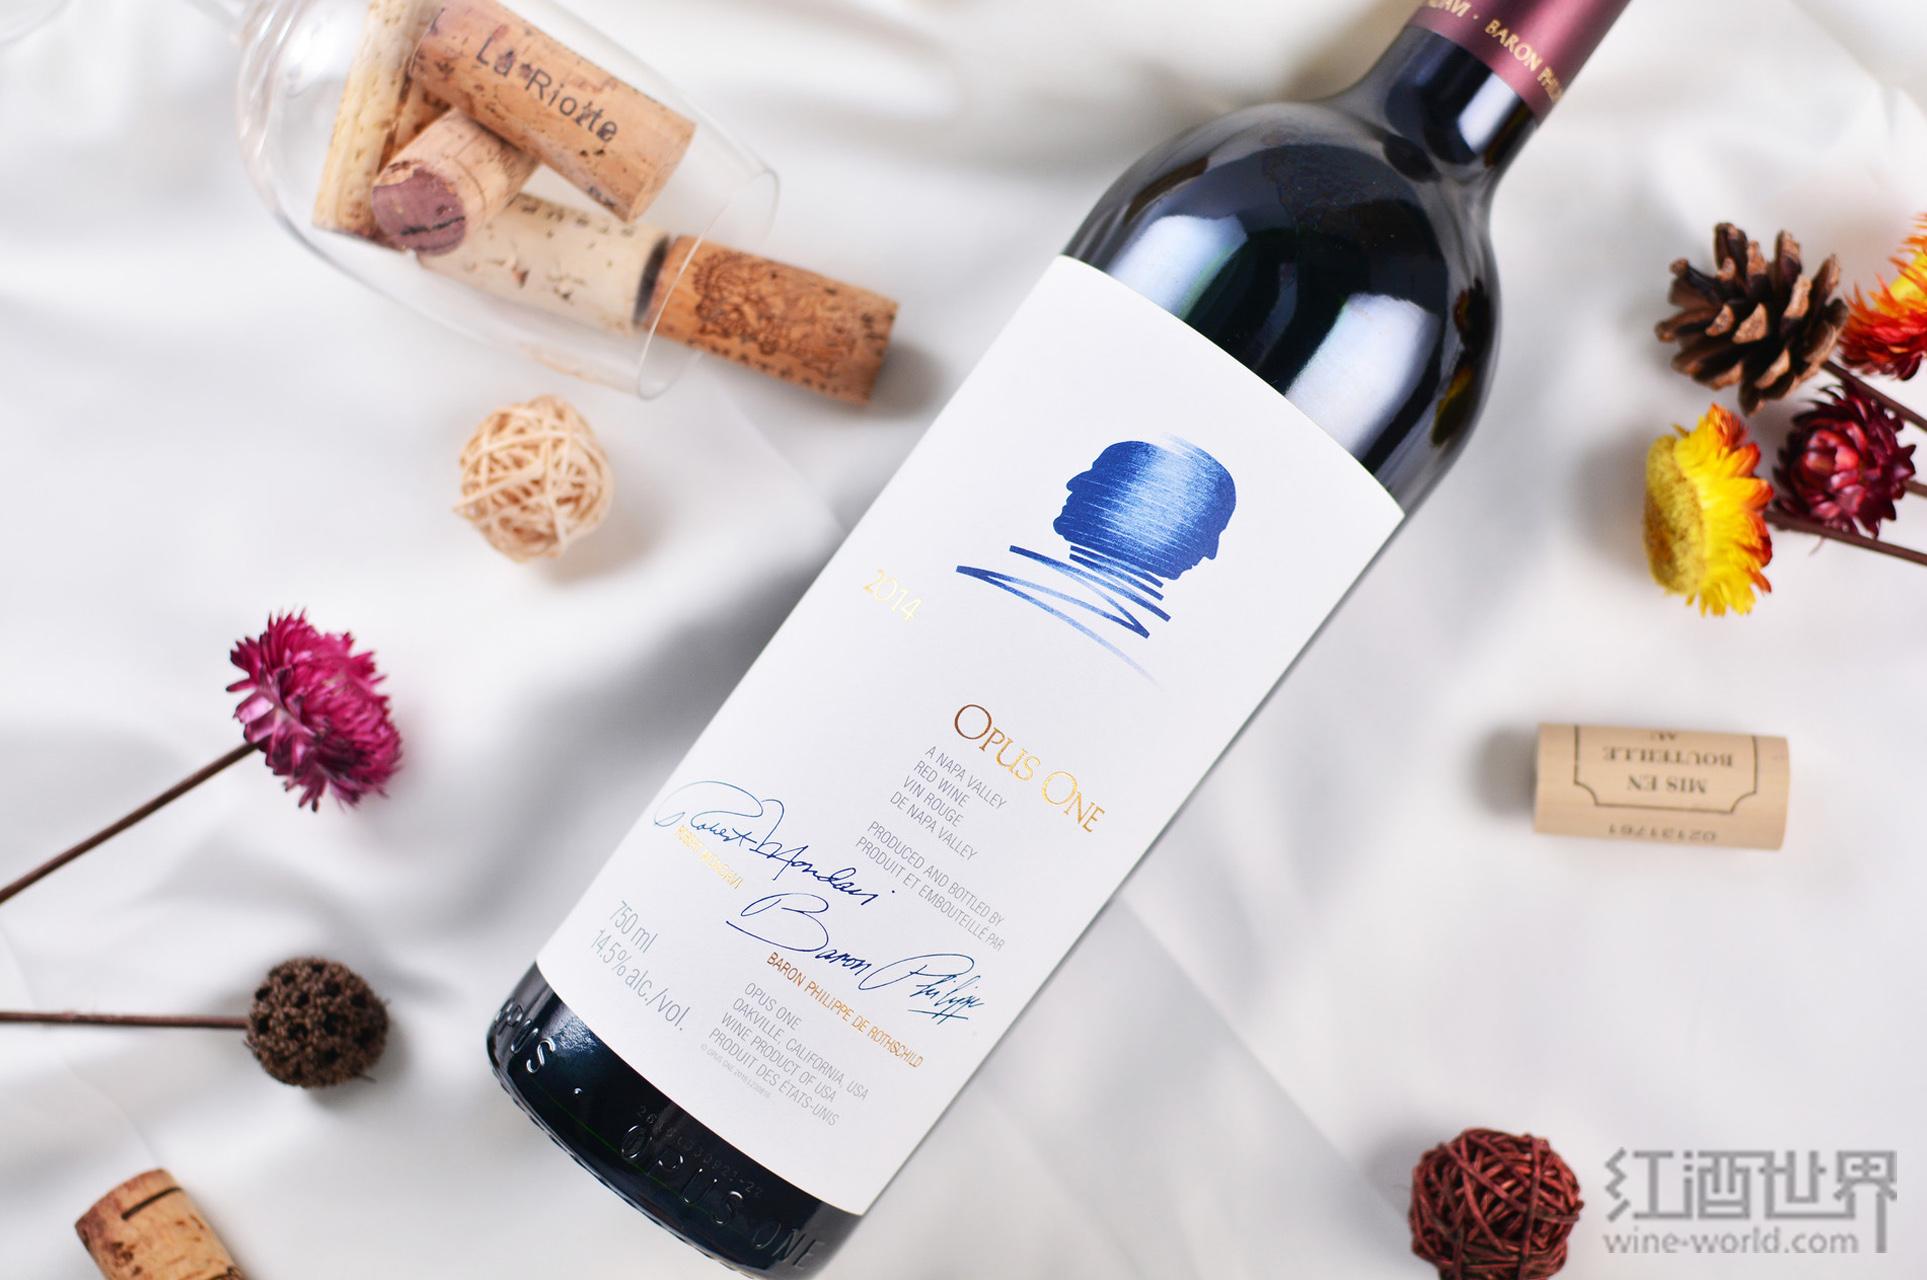 教你读懂美国葡萄酒酒标